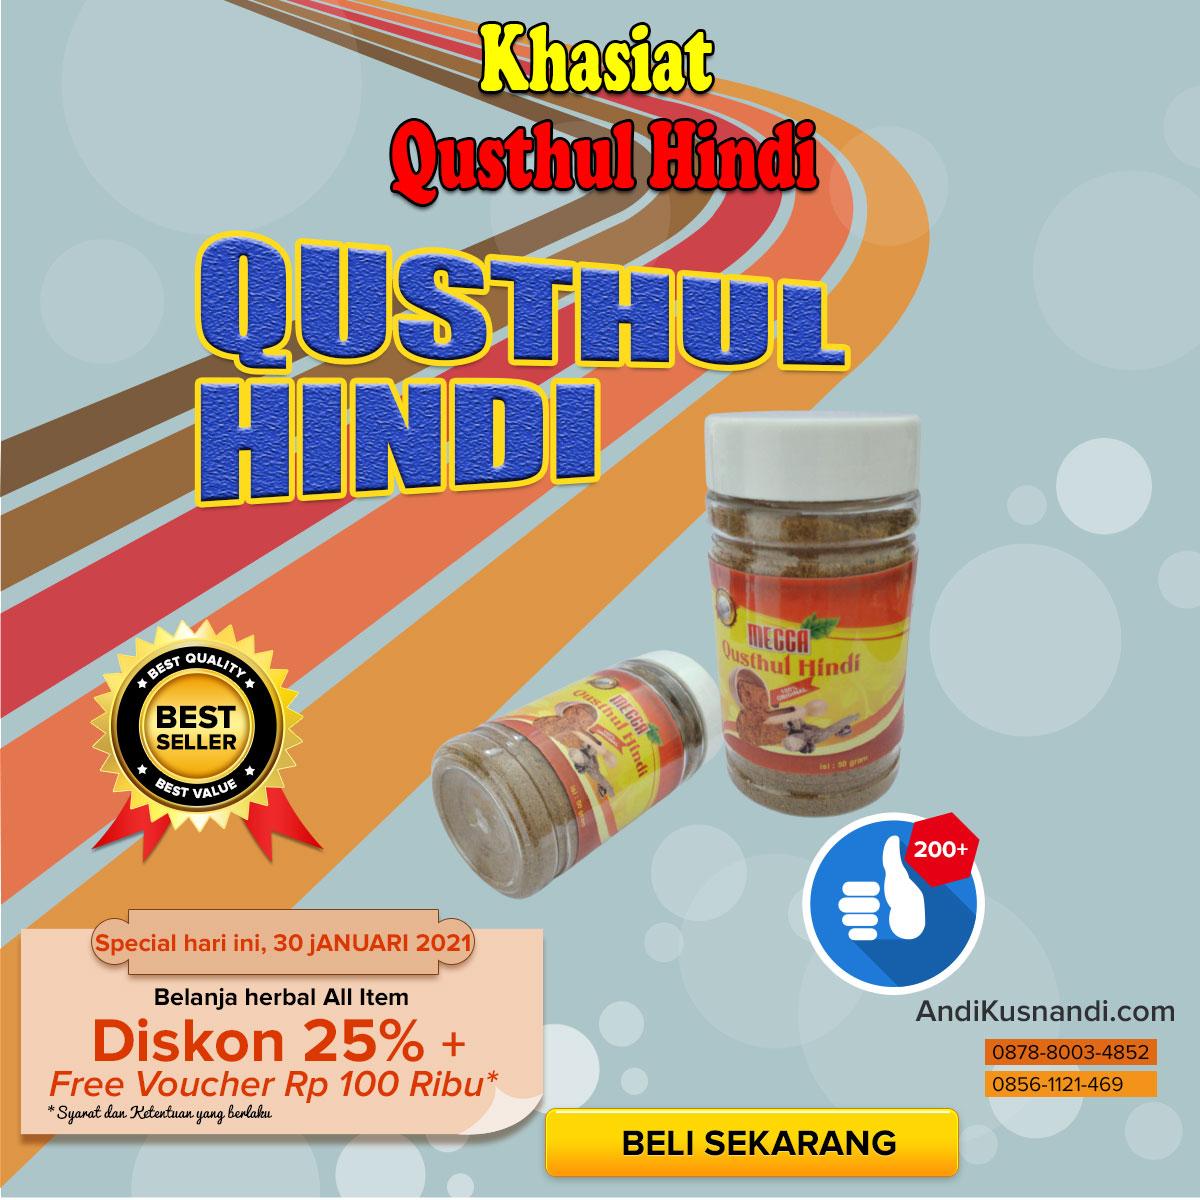 Khasiat Qusthul Hindi